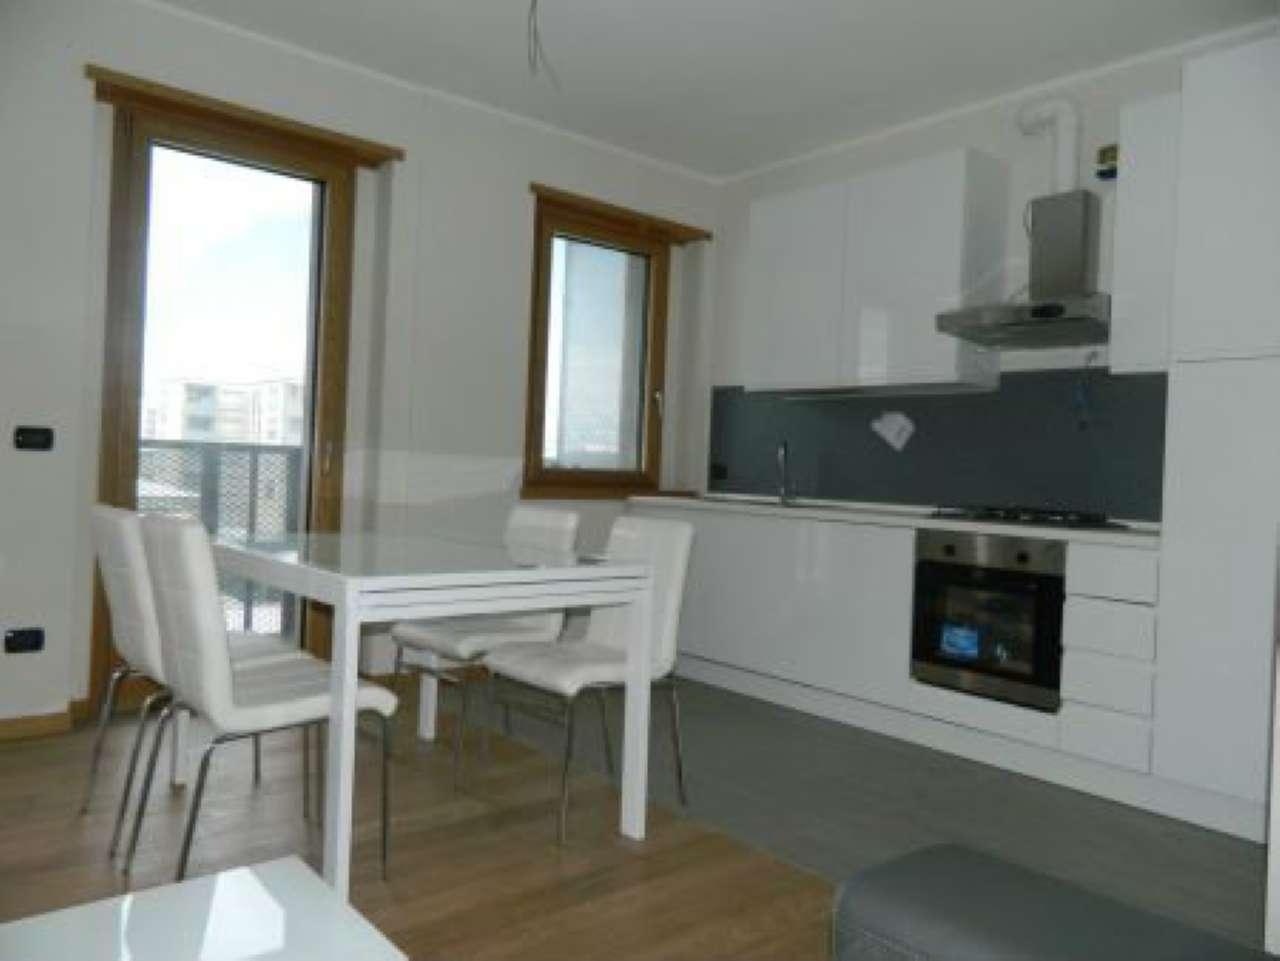 Appartamento in affitto a Sondrio, 3 locali, prezzo € 605 | PortaleAgenzieImmobiliari.it